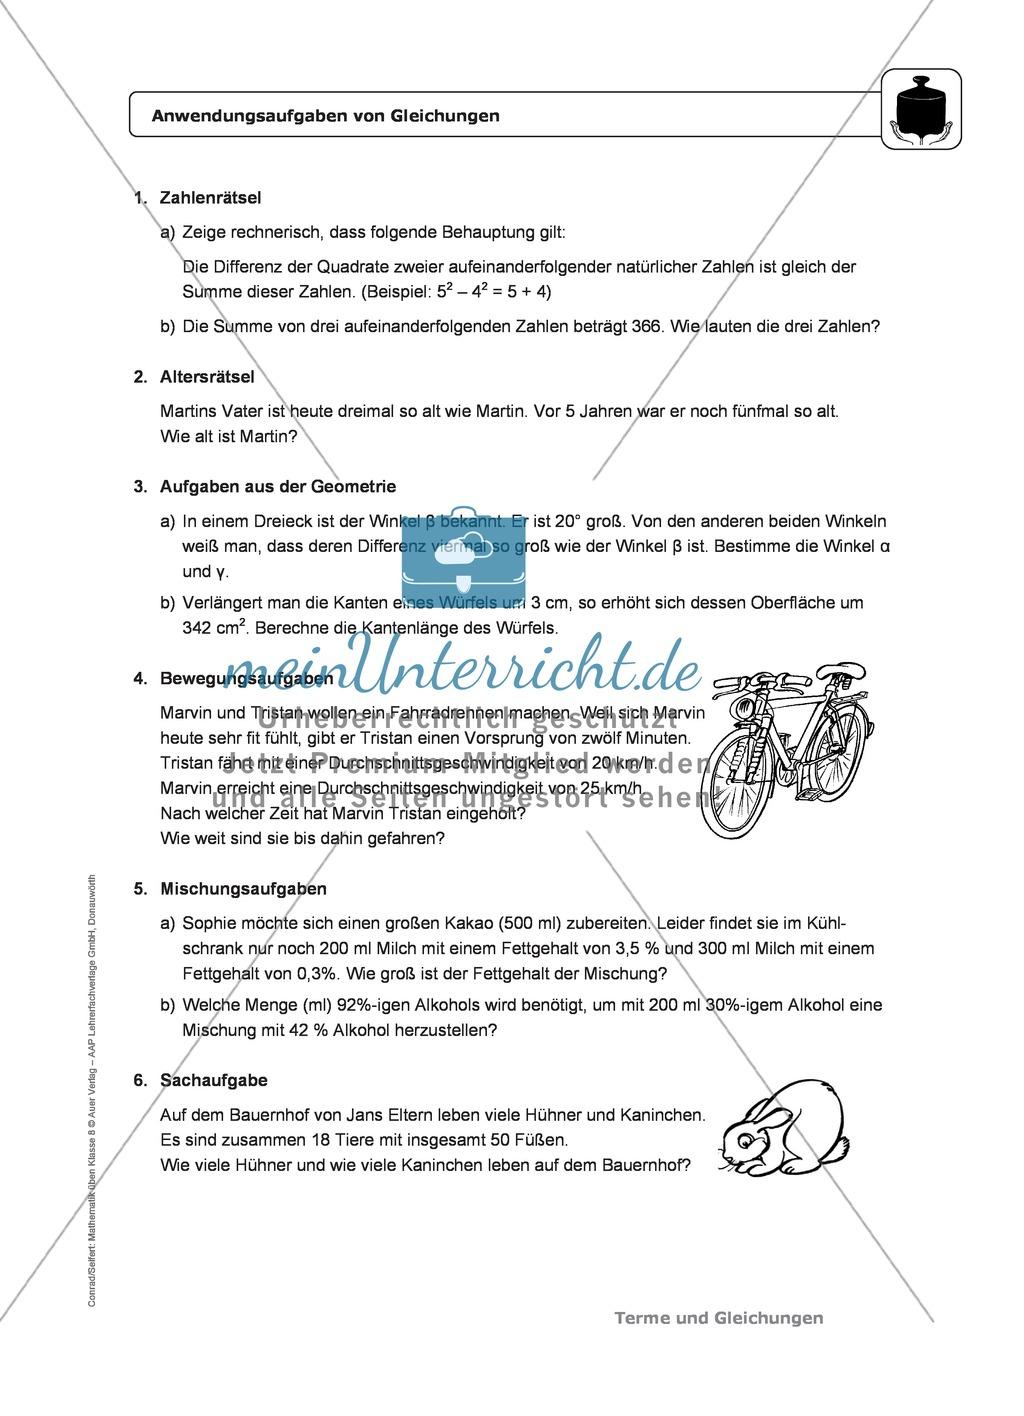 Großzügig Jahr 2 Mathematik Textaufgaben Arbeitsblatt Bilder - Super ...